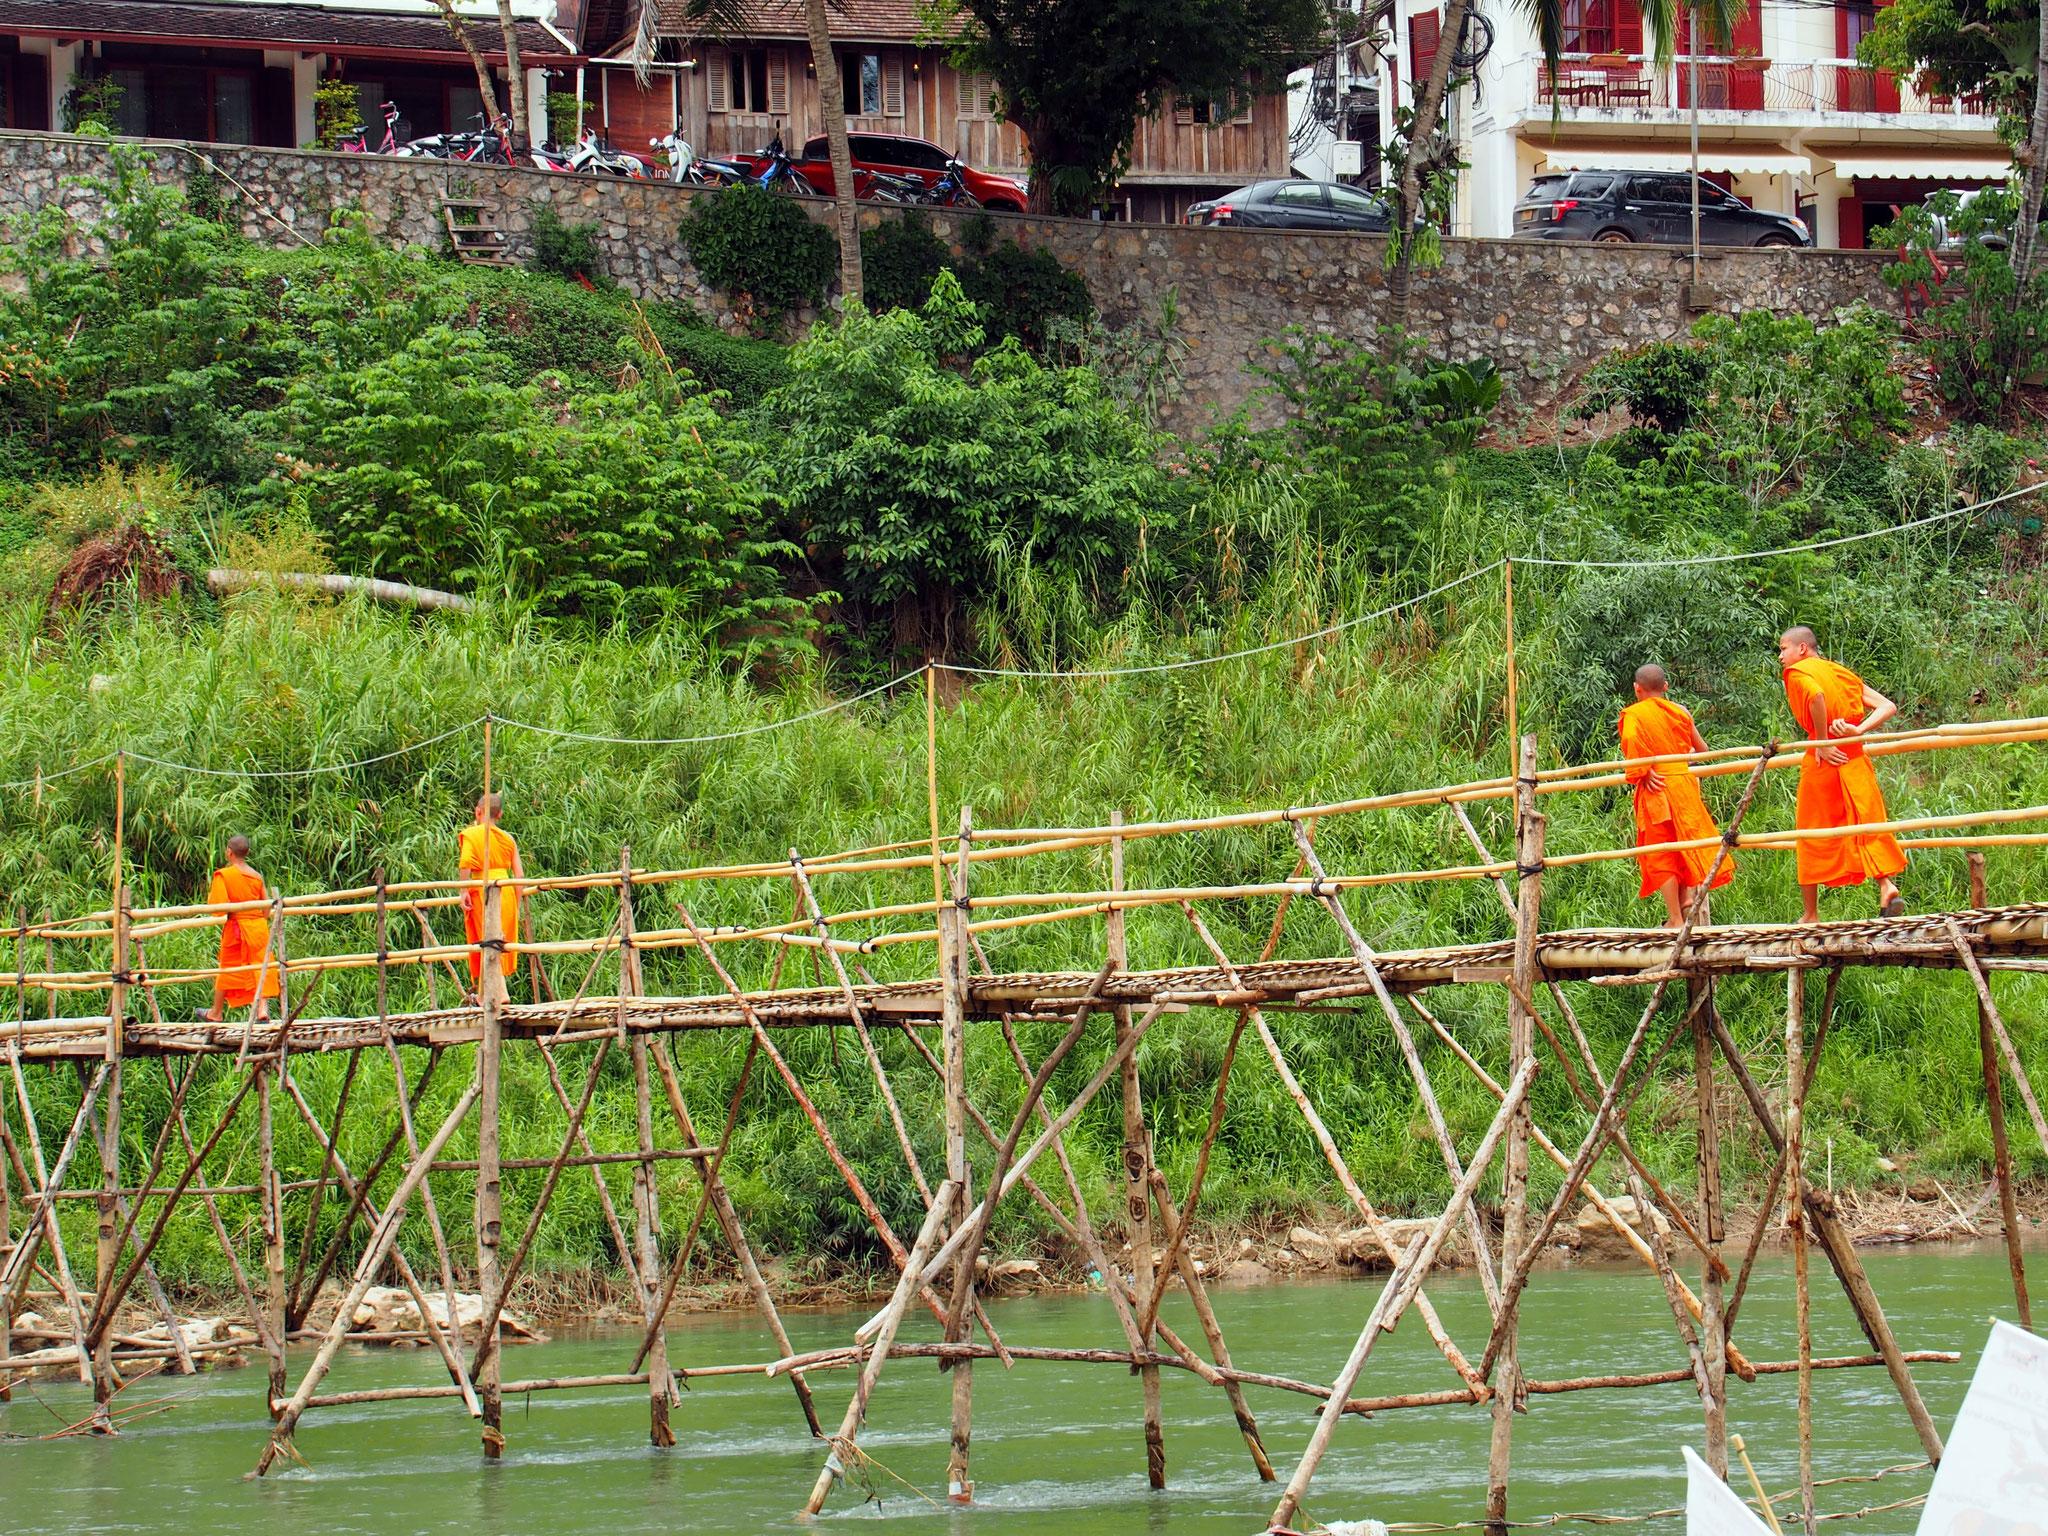 ... sondern auch Mönche nutzten die Abkürzung zu den zahlreichen Wats